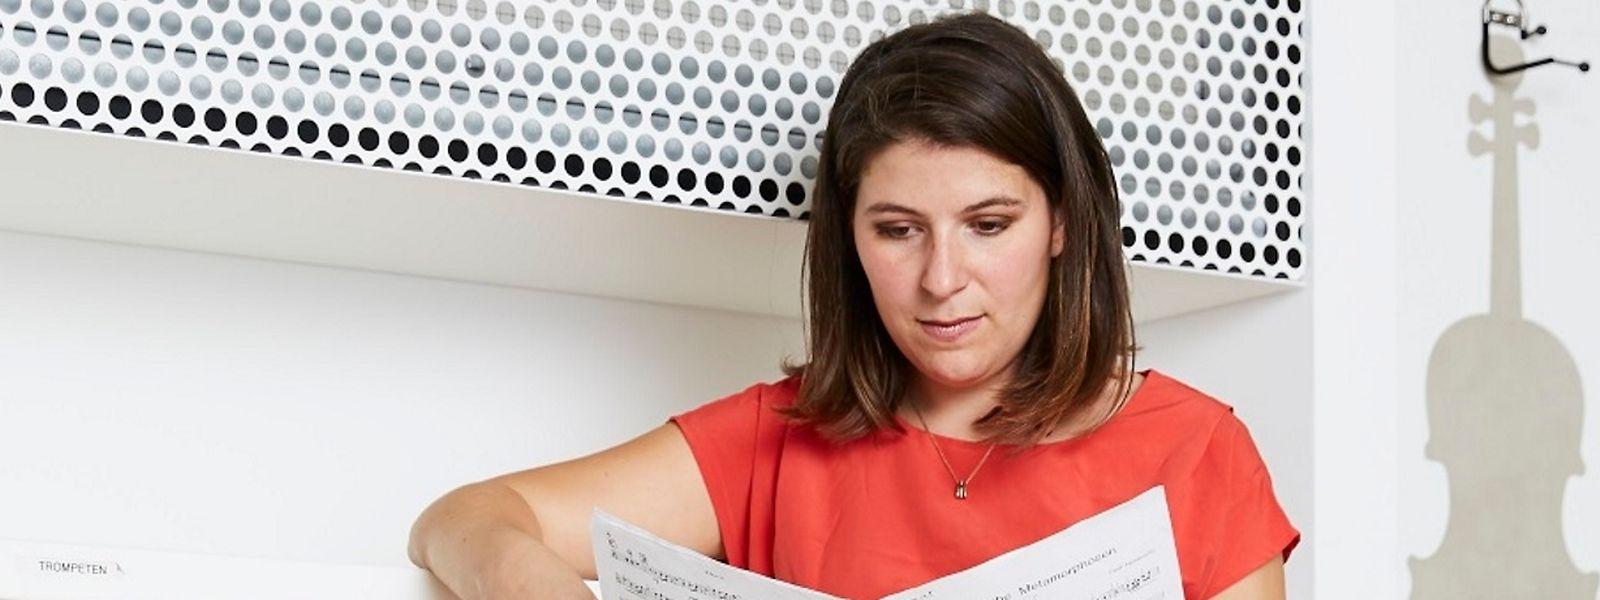 Amanda Kleinbart freut sich, jeden Tag in der Elbphilharmonie arbeiten zu können.